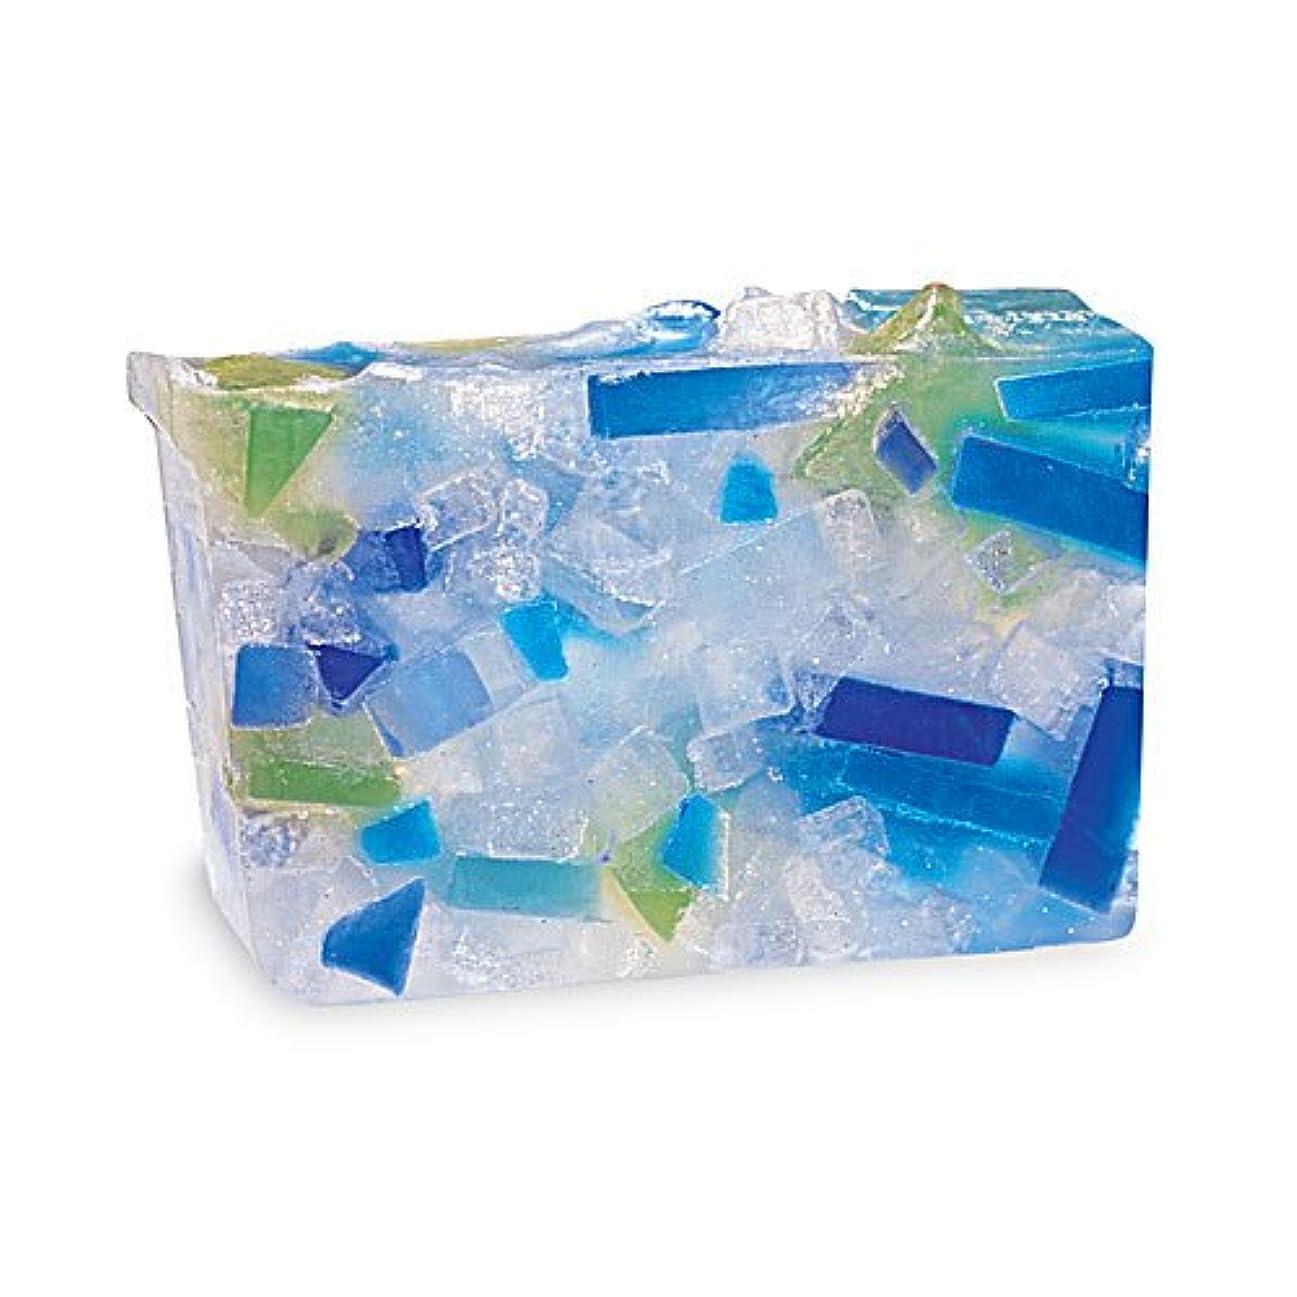 ジレンマコークスランドマークプライモールエレメンツ アロマティック ソープ ビーチグラス 180g 植物性 ナチュラル 石鹸 無添加